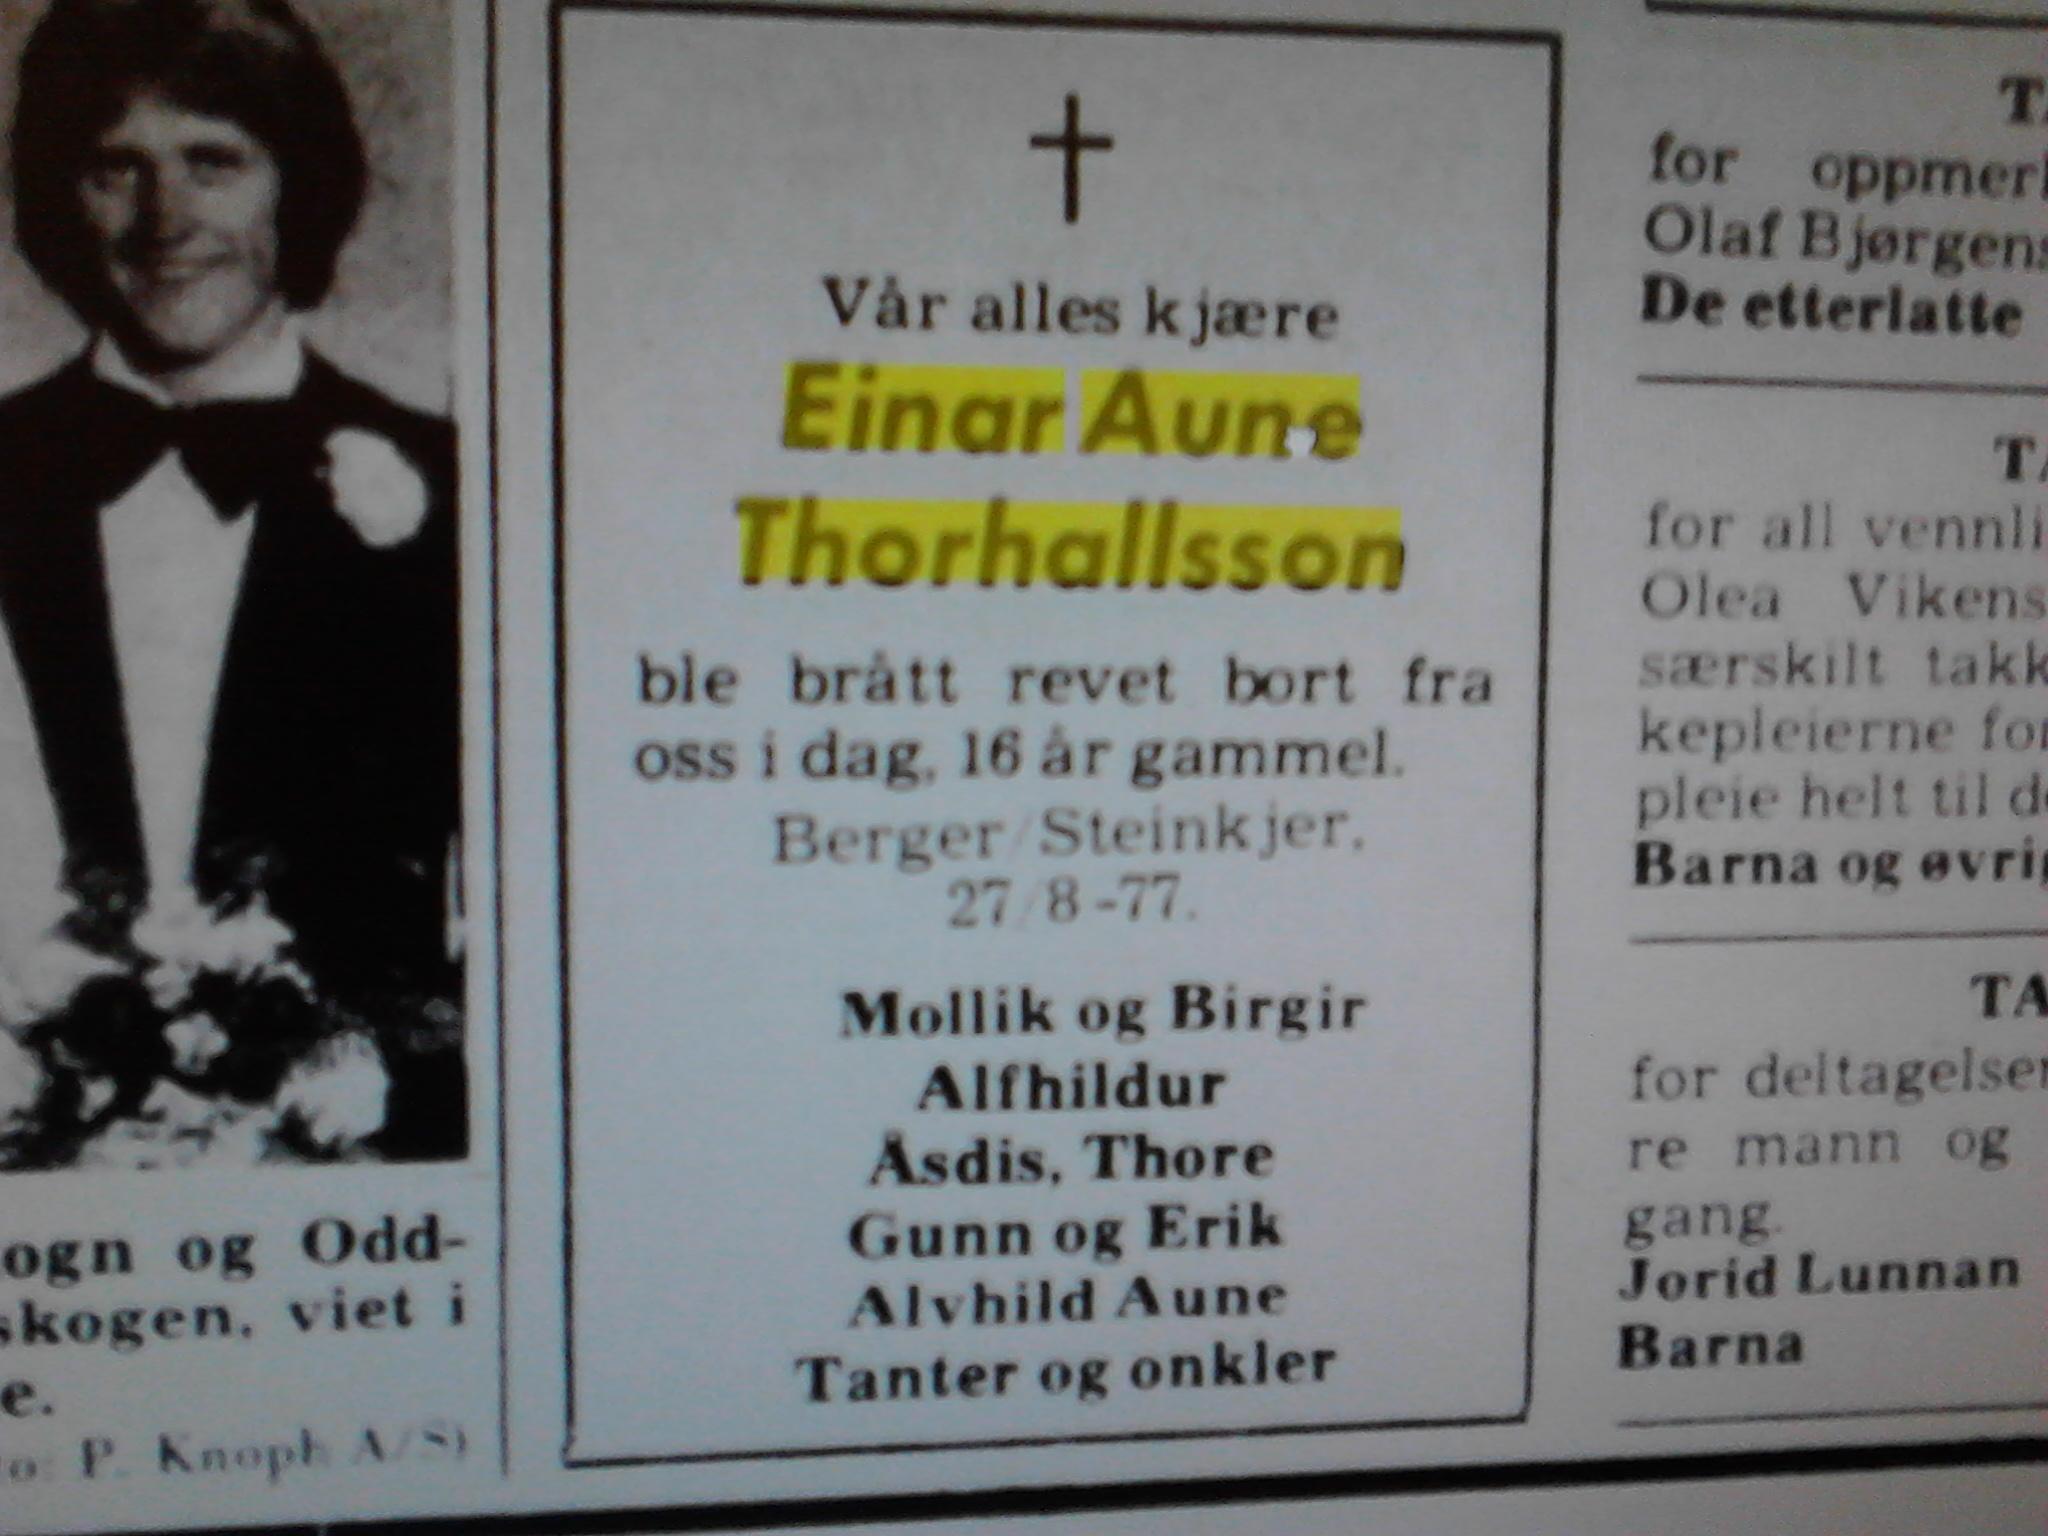 1c8e1f3a Broren til Erik Thorhallsson ble kjørt ihjel som sekstenåring, (av en  familievenn). Jeg lurer på om bilføreren kan ha vært min far, (som gikk på  piller, ...